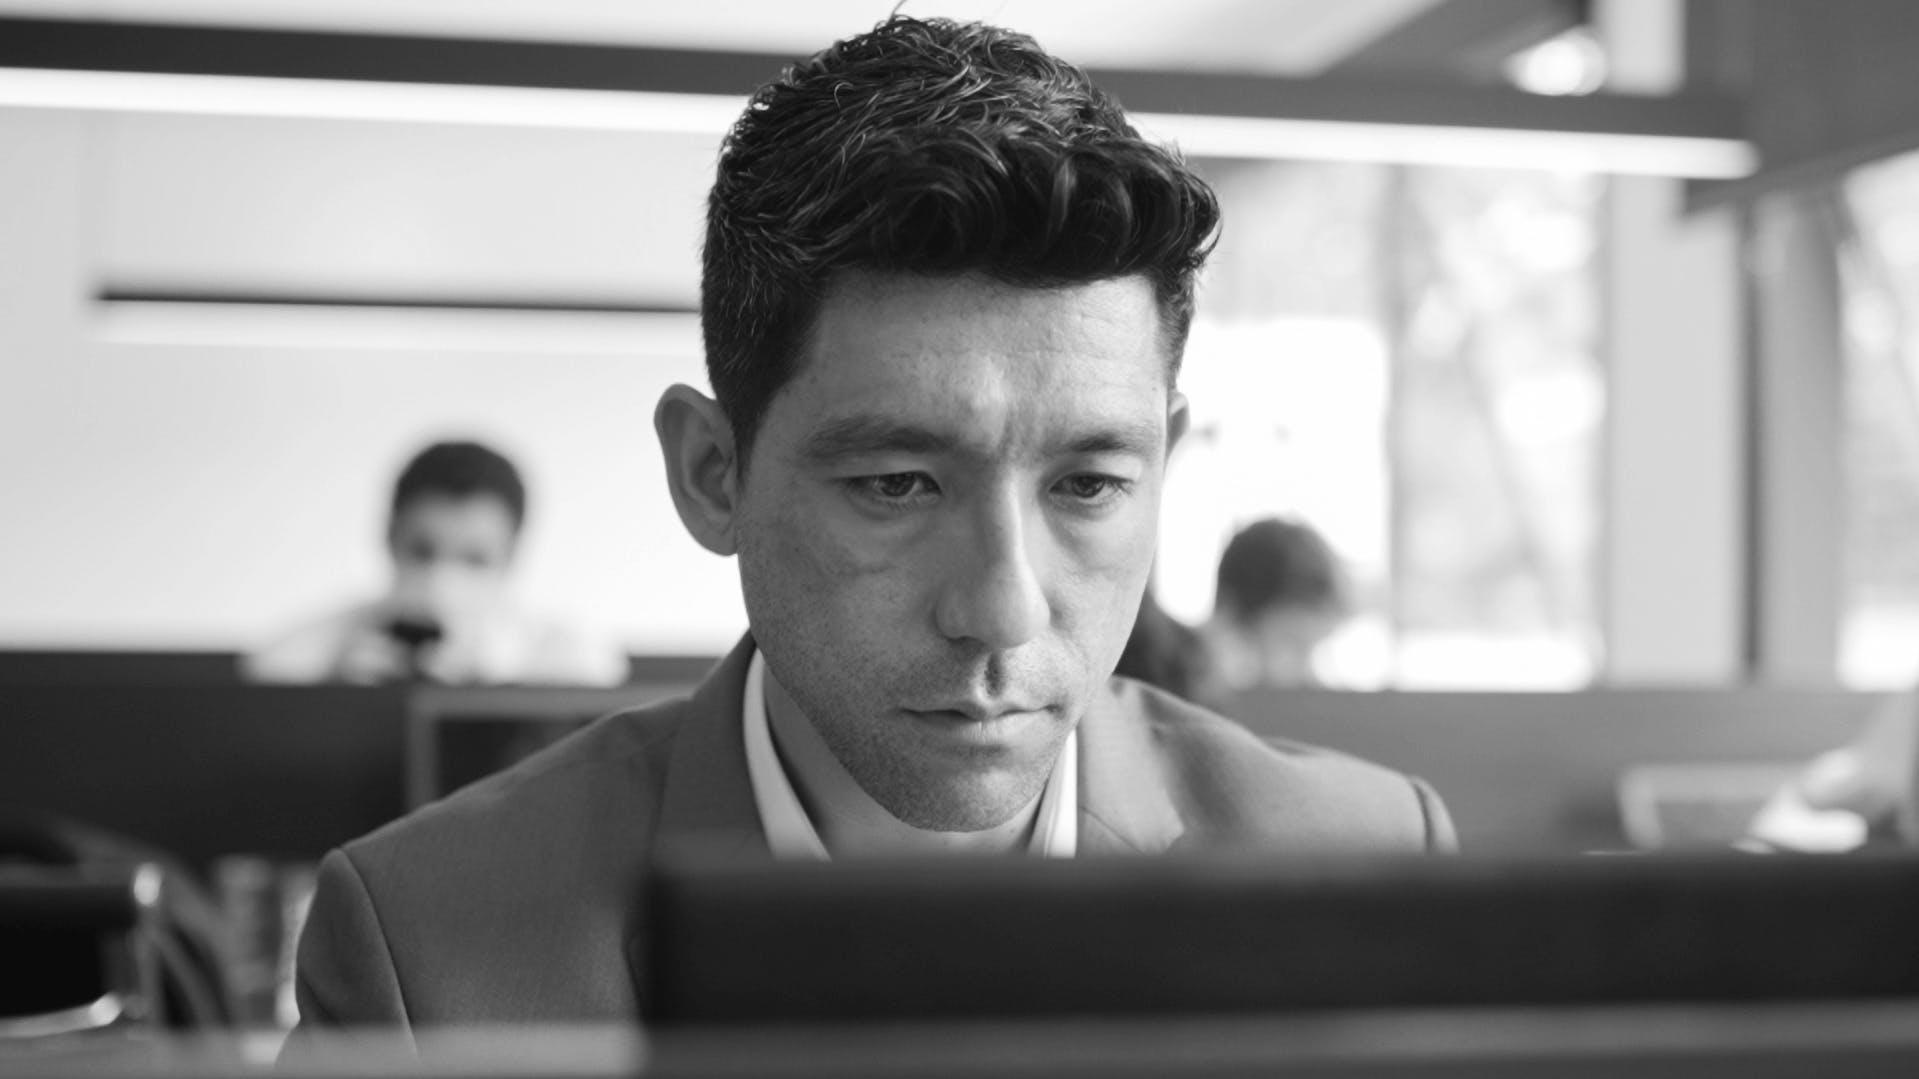 Carlos Murata olhando para computador